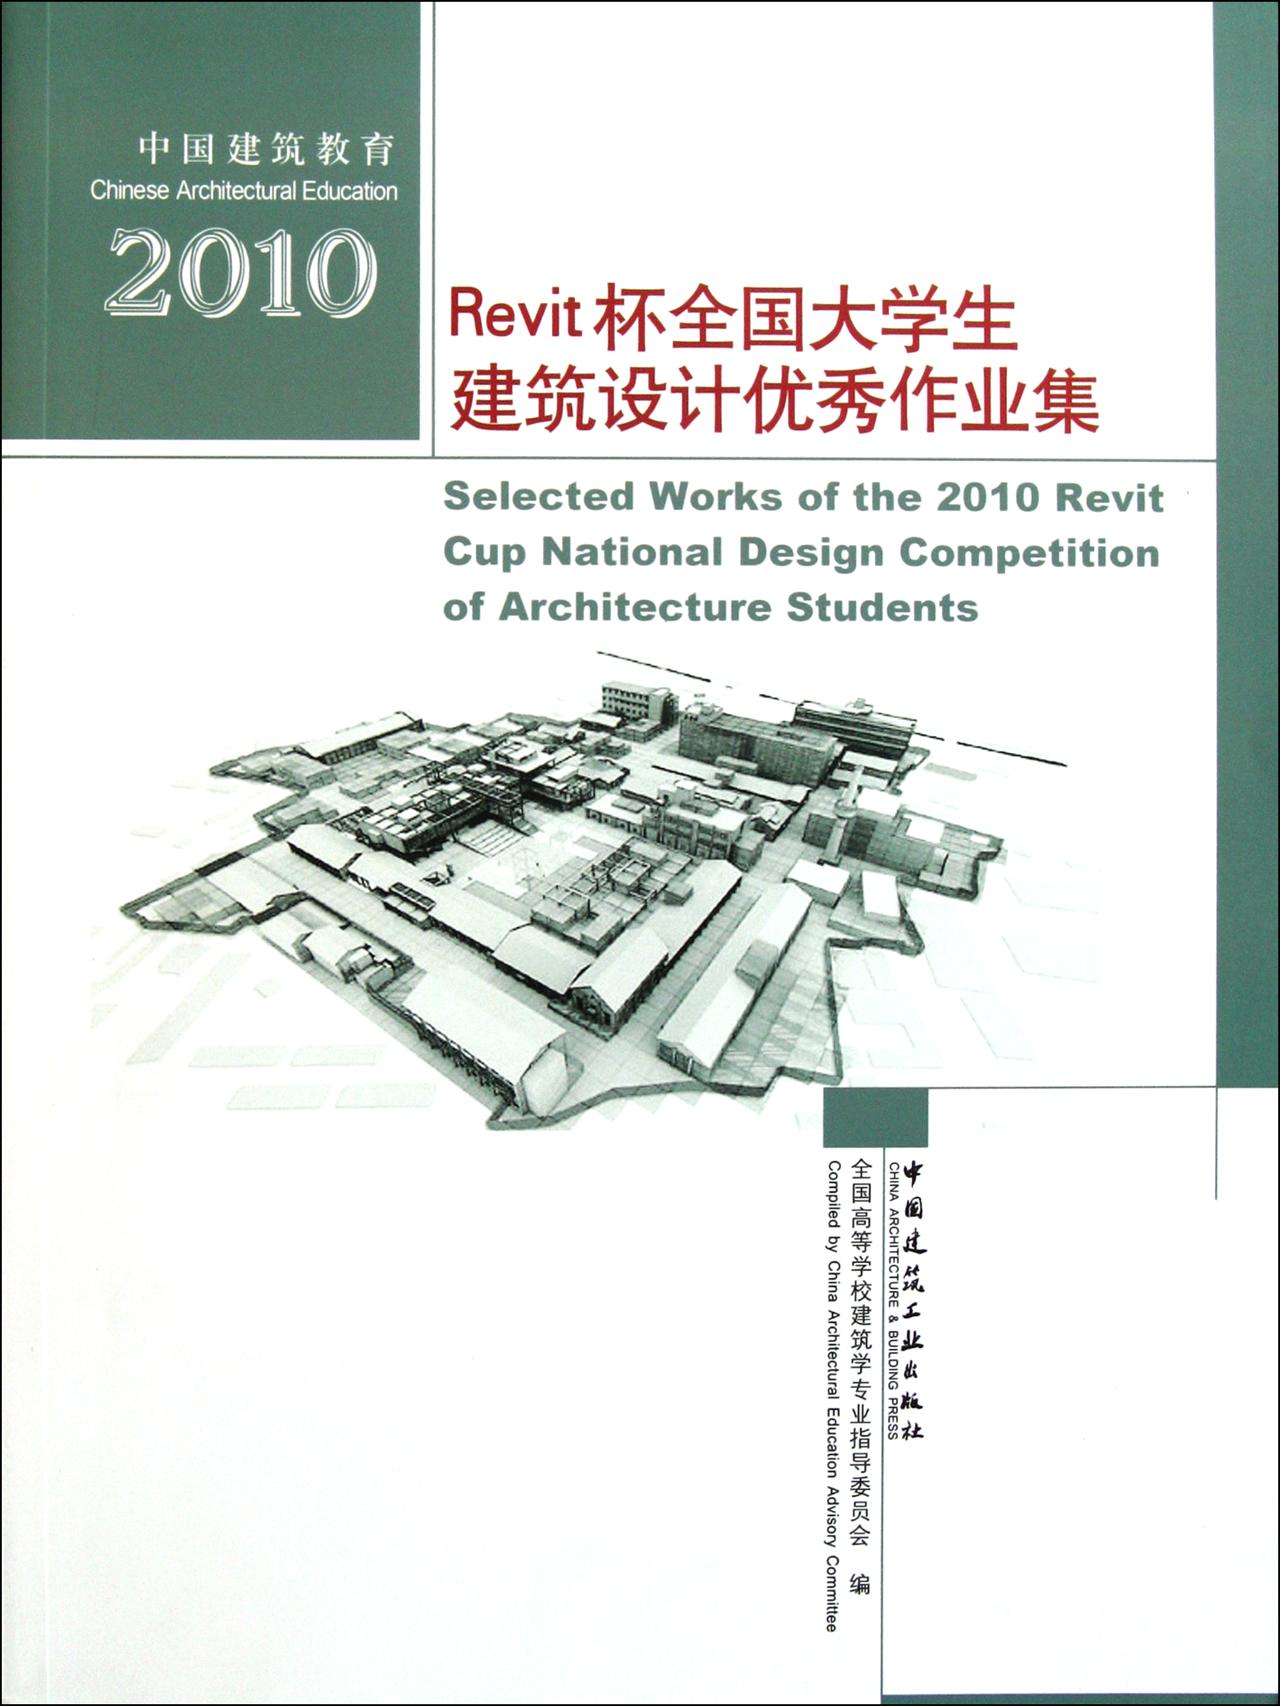 中国建筑教育(附光盘2010revit杯全国大学生建筑设计优秀作业集)图片